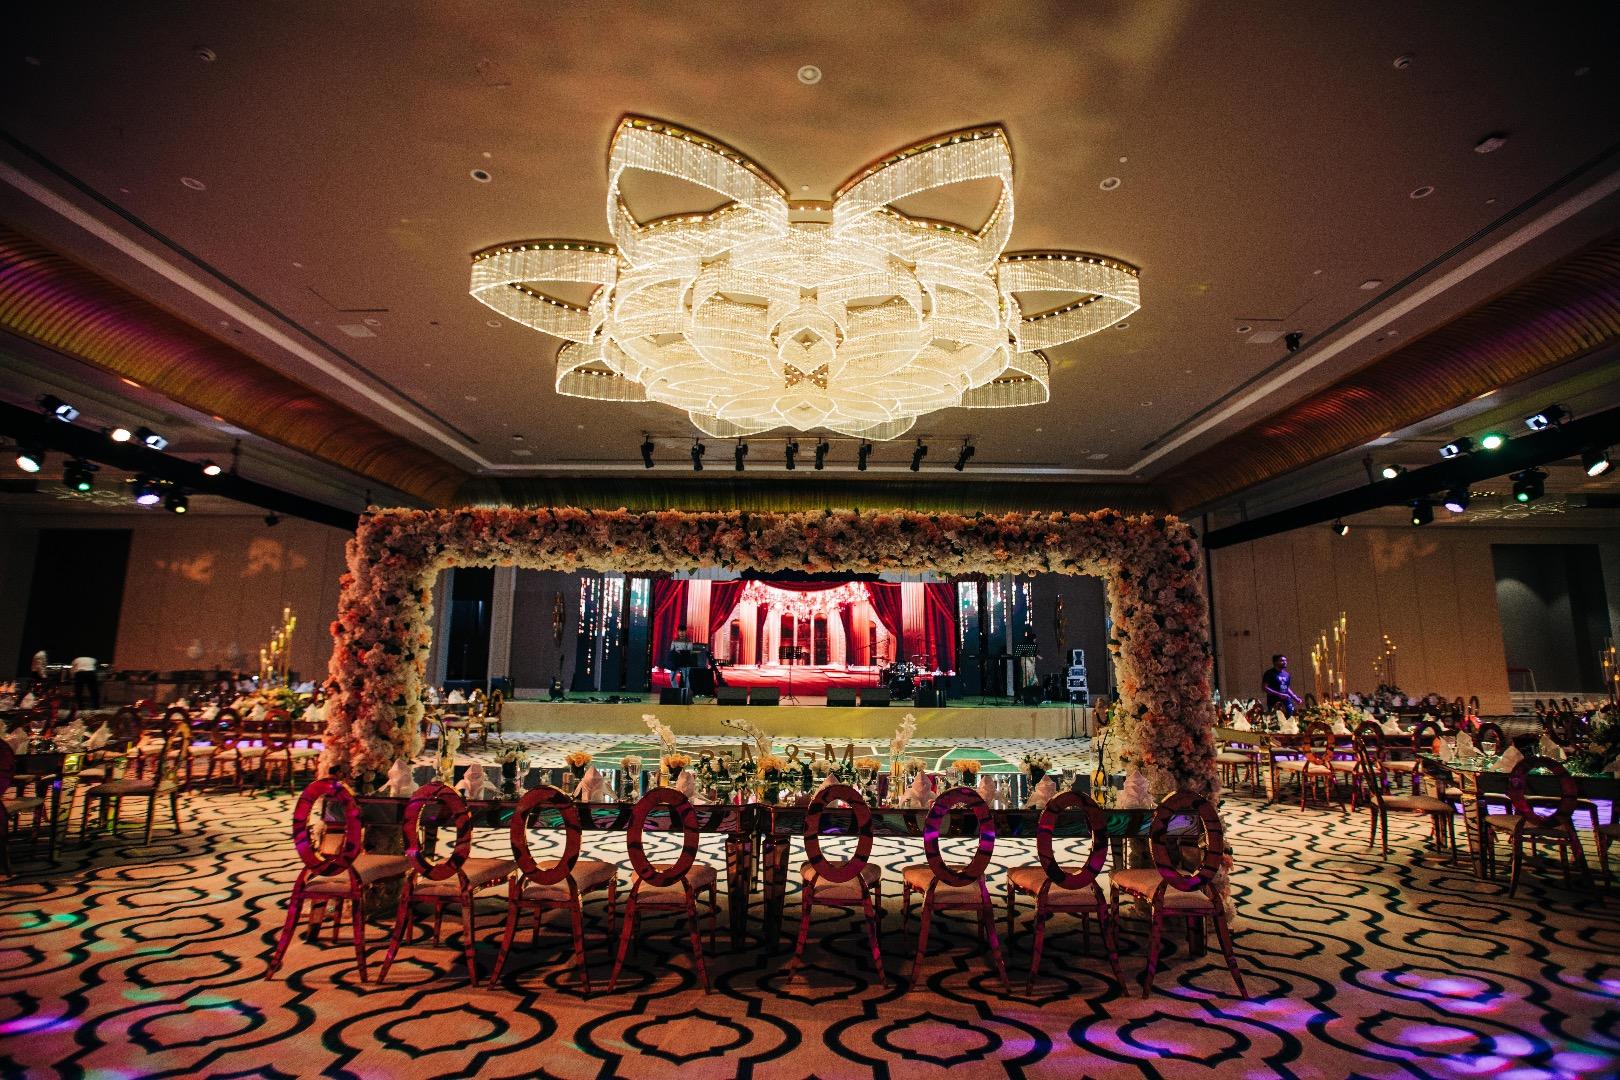 floral ceiling décor